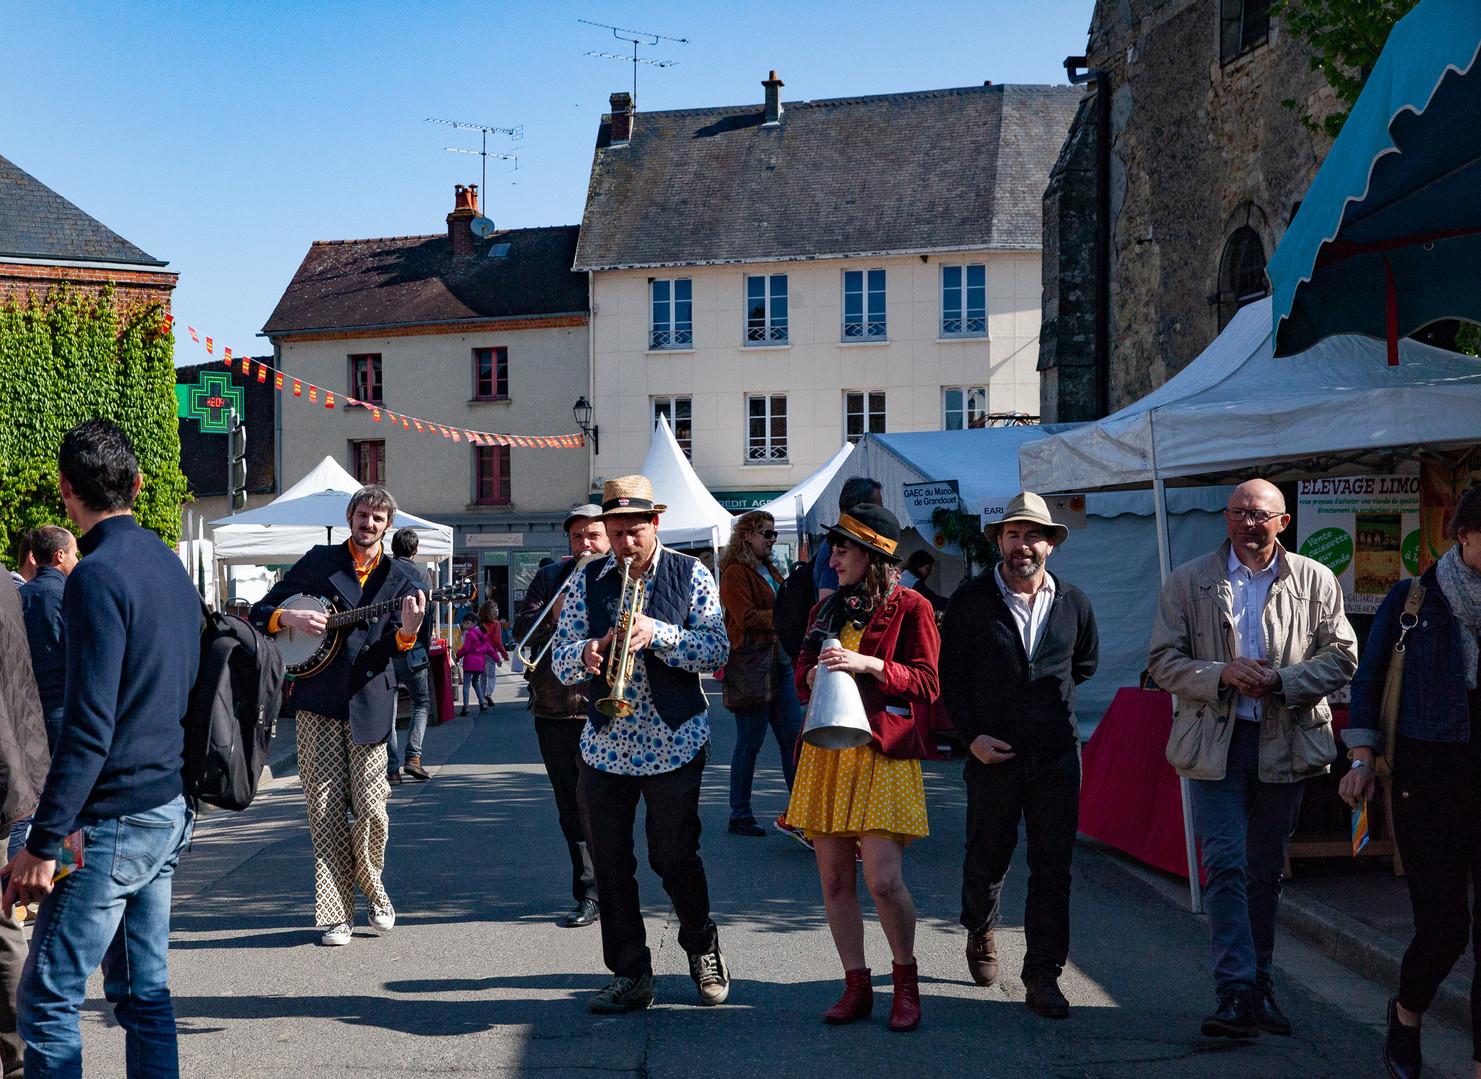 festival-aoc-cambremer-musiciens.jpg